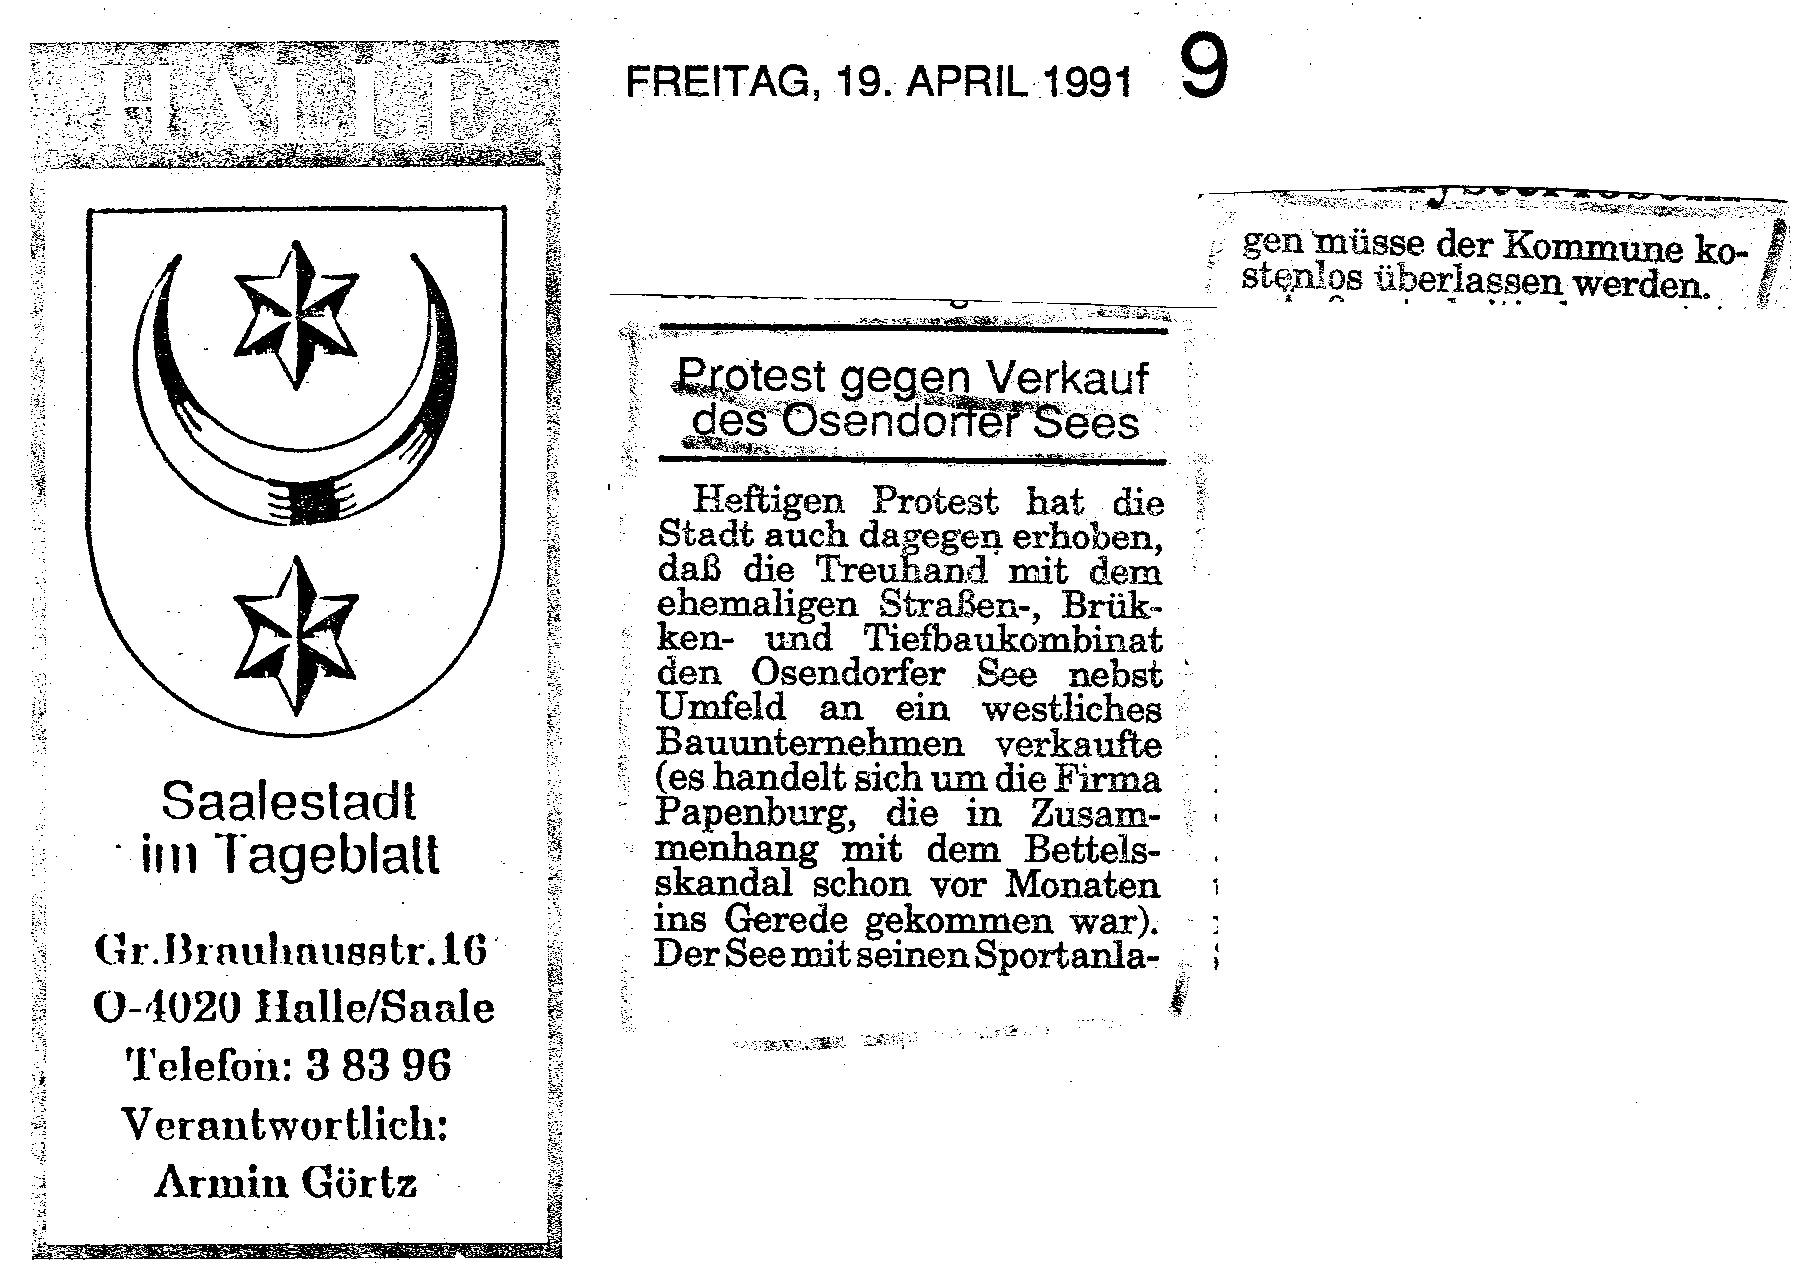 1991-04-19 Protest gegen Verkauf des Osendorfer See